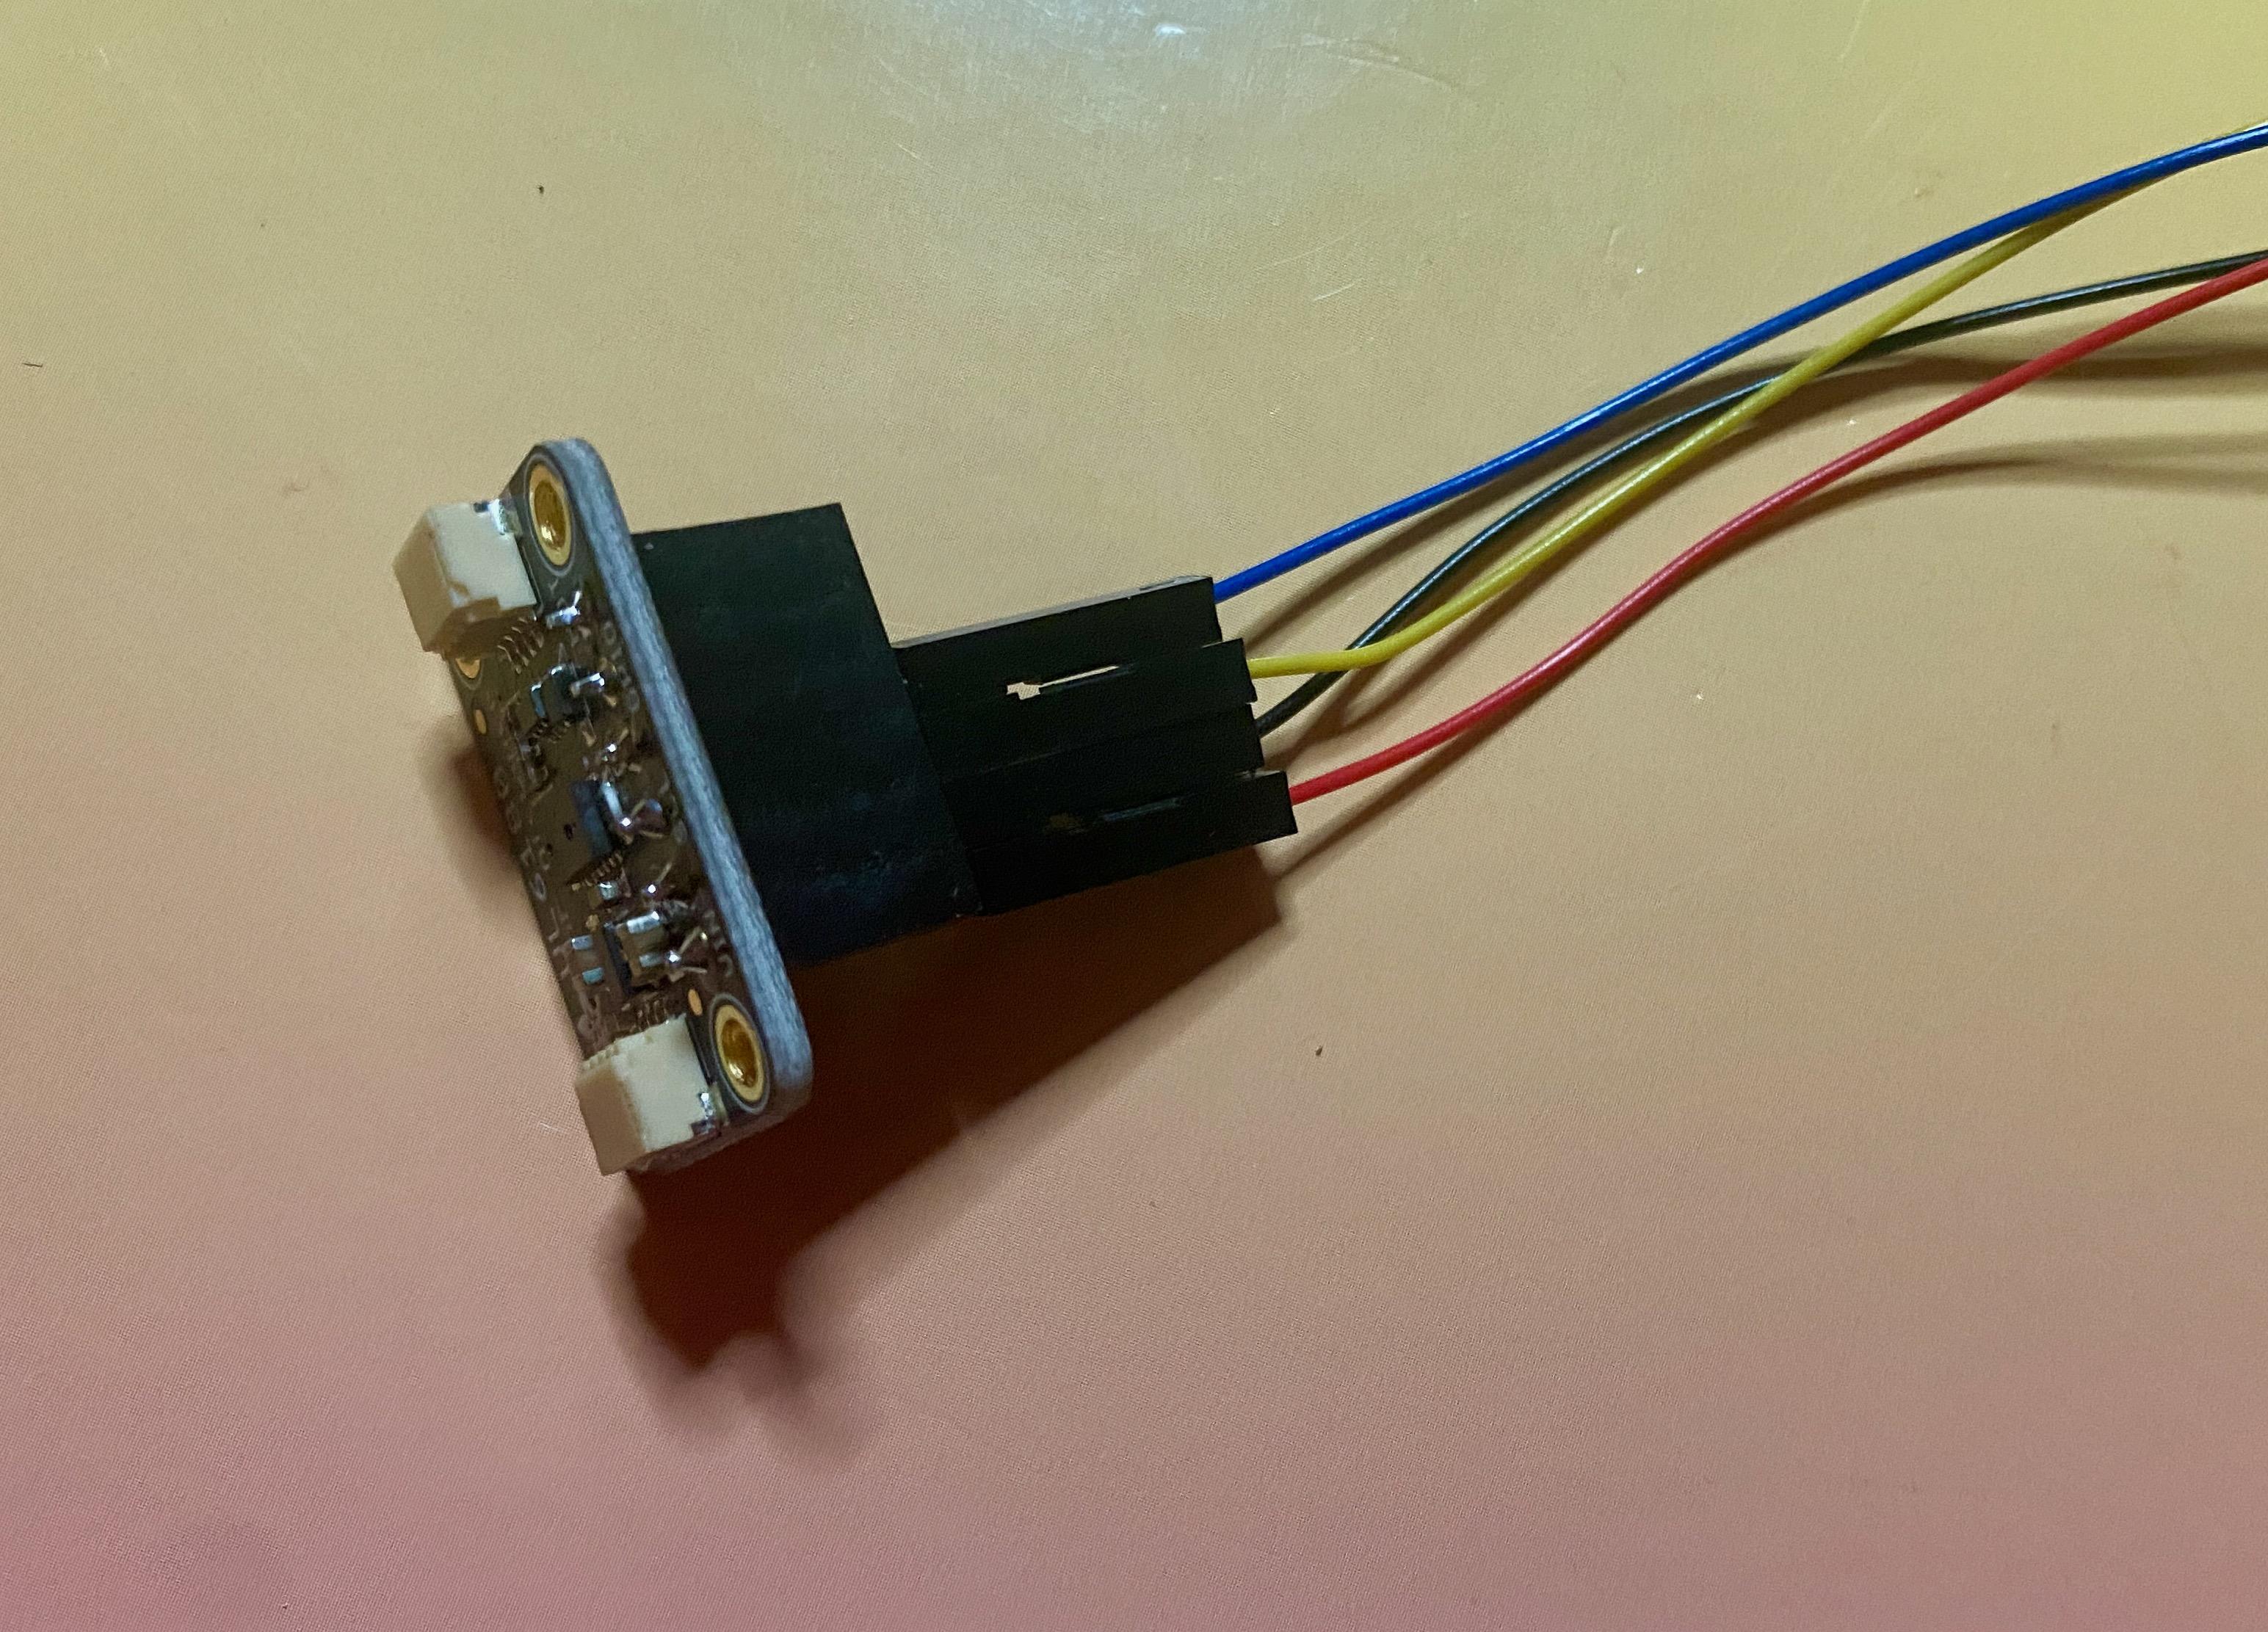 adafruit_products_08_plug_sensor.jpeg